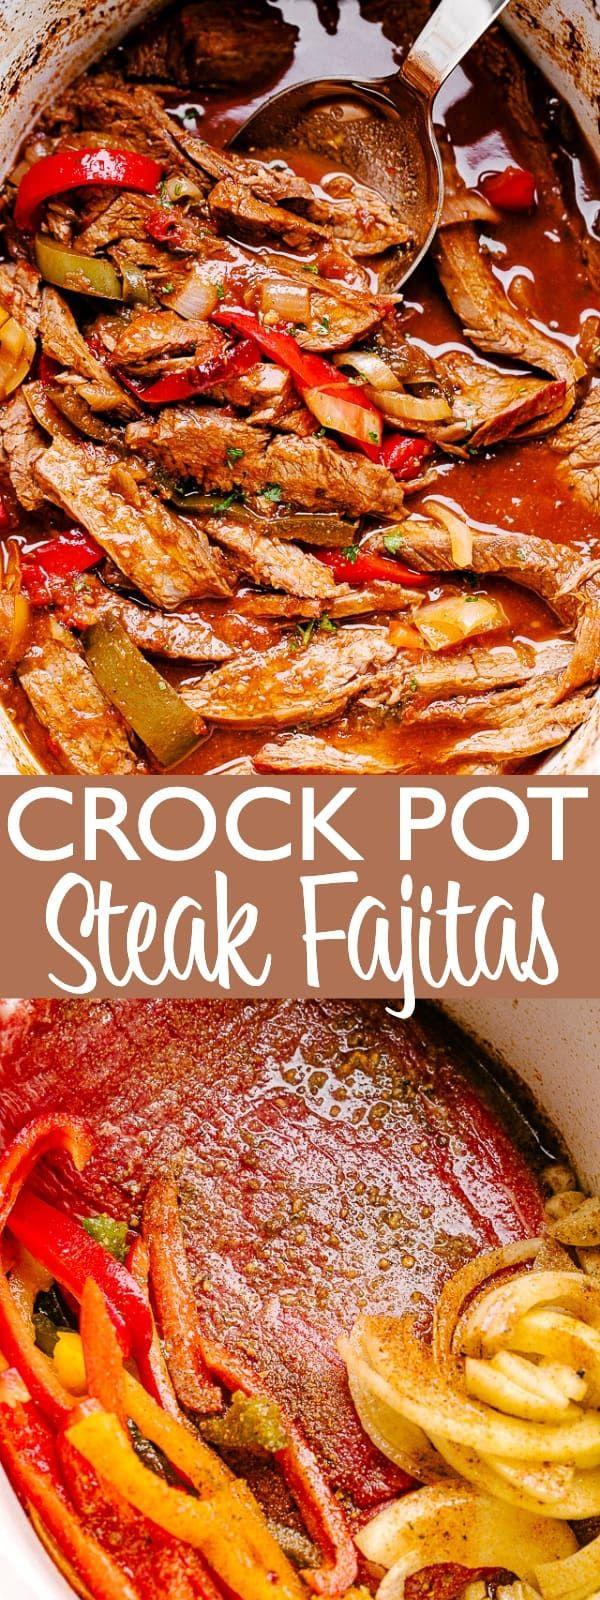 Crock Pot Beef Fajitas Recipe | Easy Crock Pot Dinner Idea